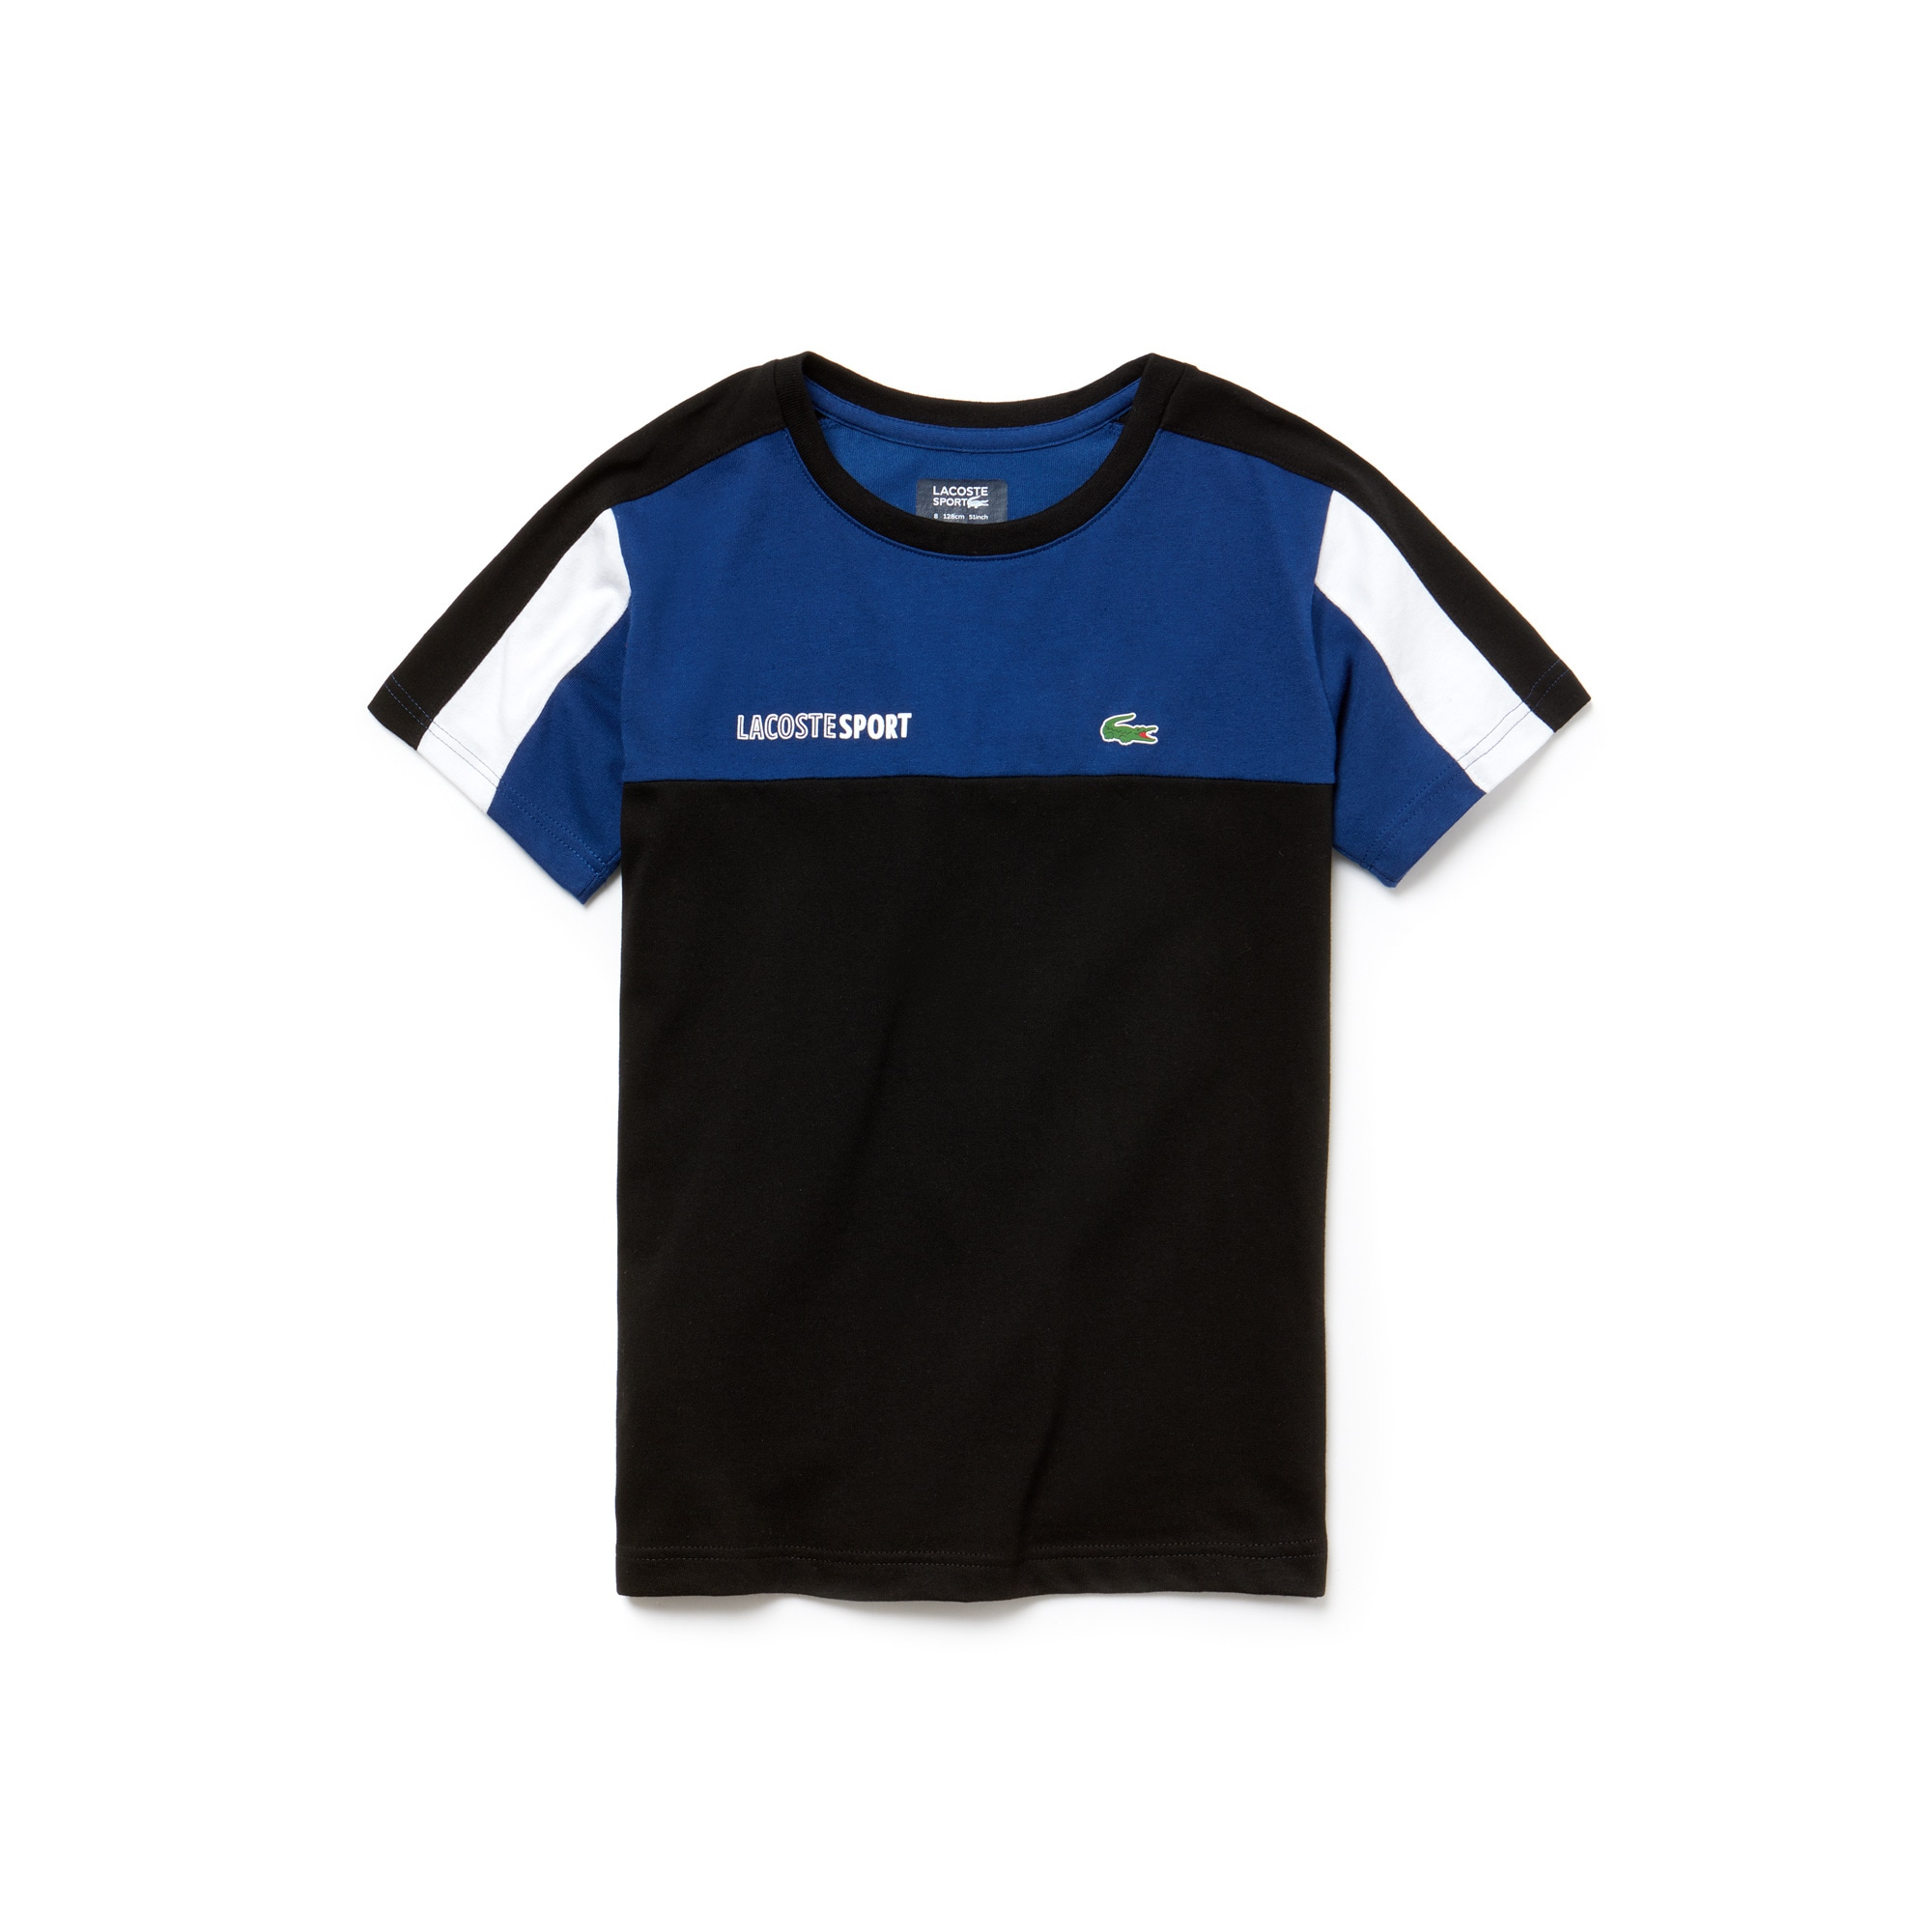 Lacoste SPORT Tennis-T-shirt jongens jersey met ronde hals en colorblock